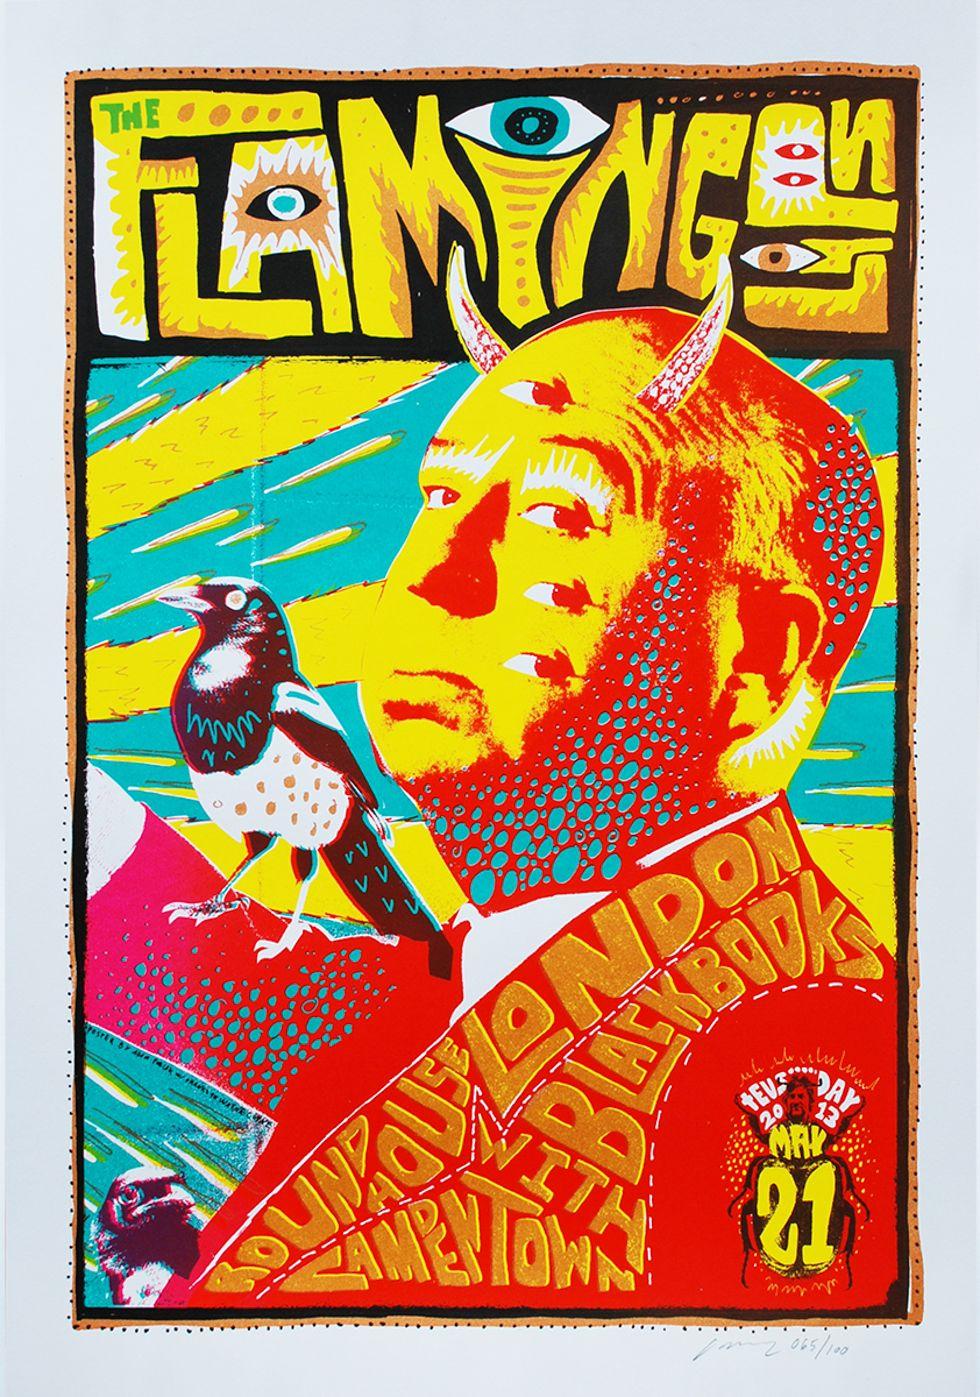 La bellezza dei poster del rock - Flaming Lips, 21 maggio 2013, Londra